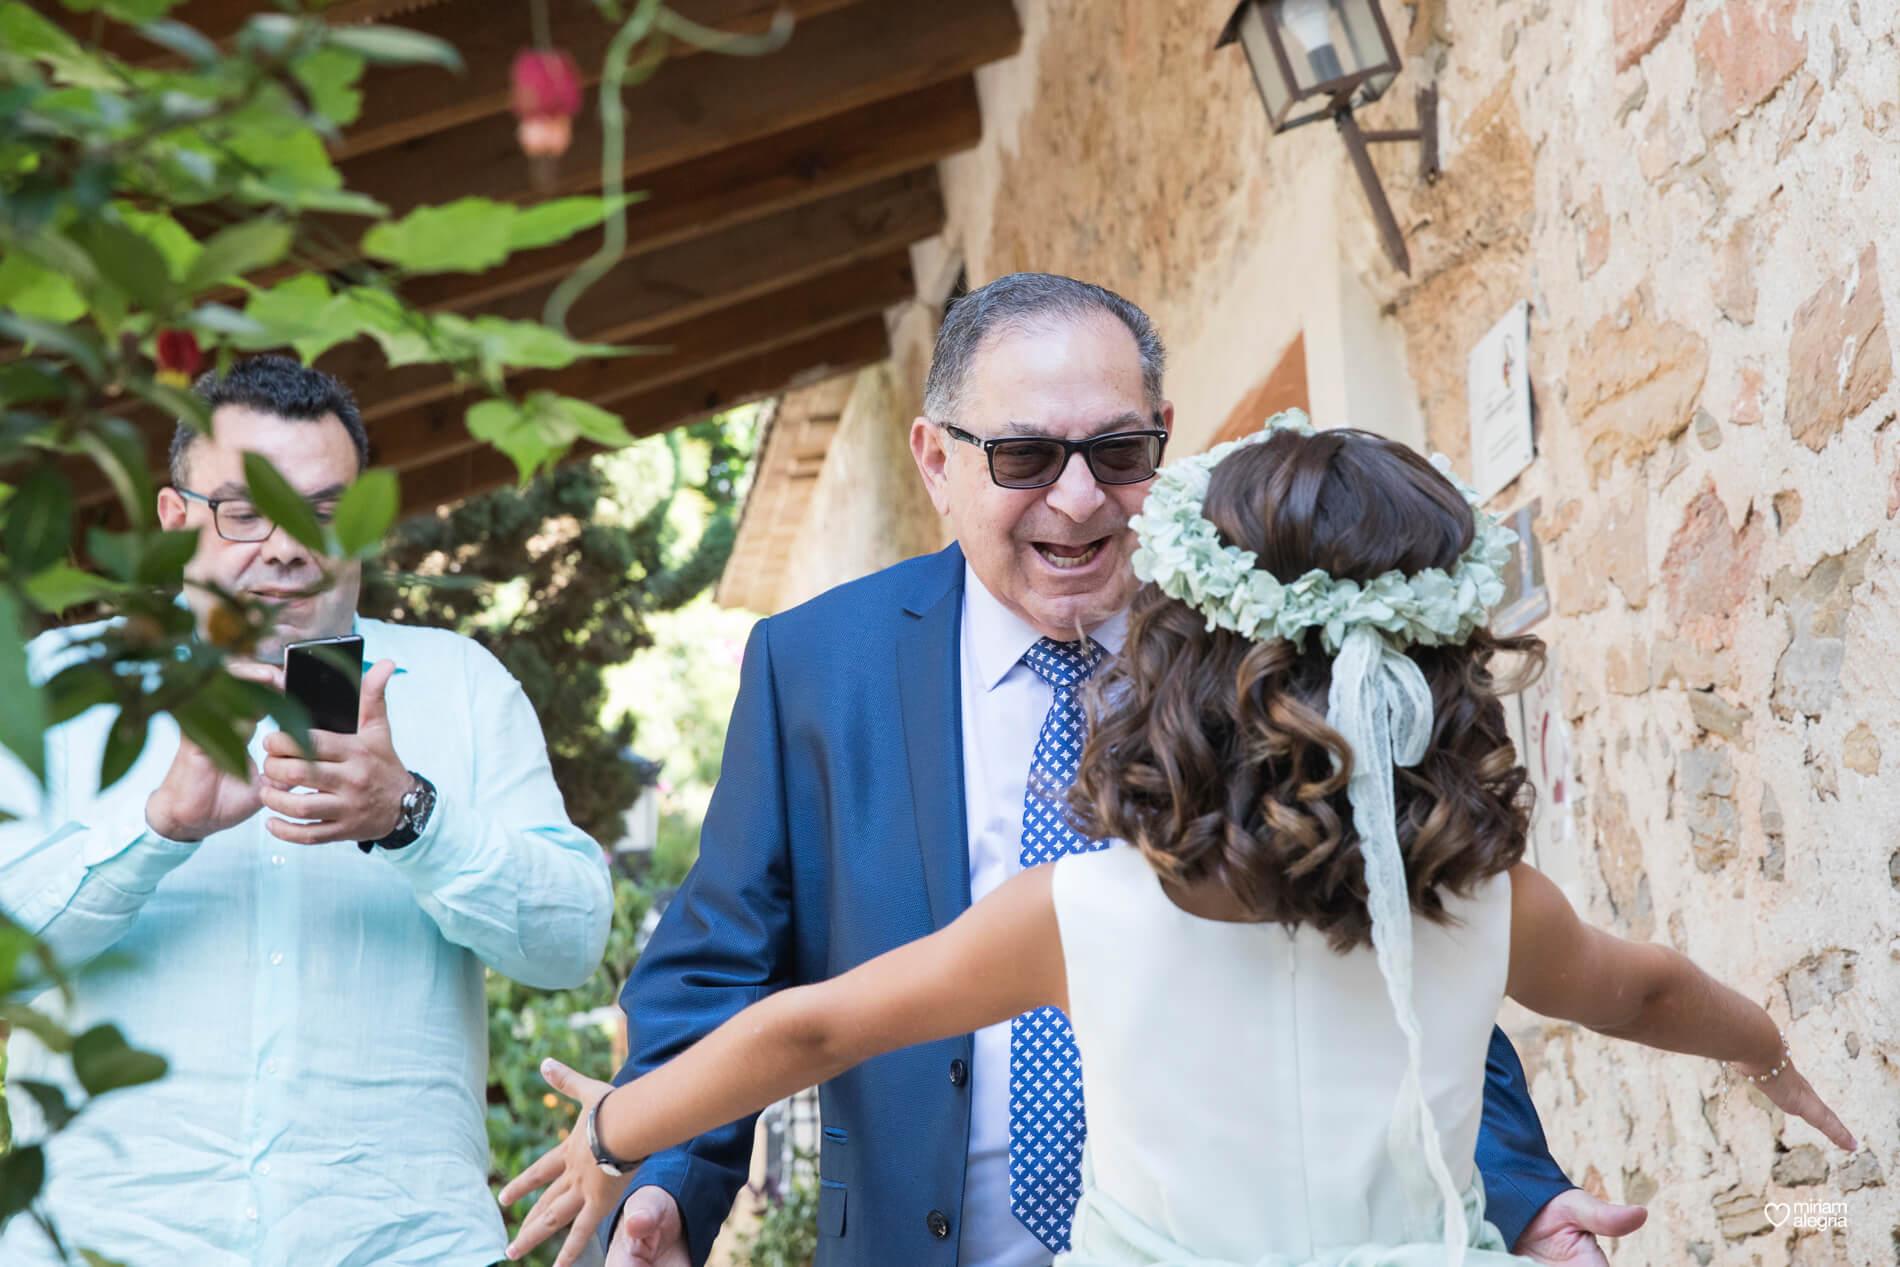 boda-en-finca-la-carrasca-miriam-alegria-15